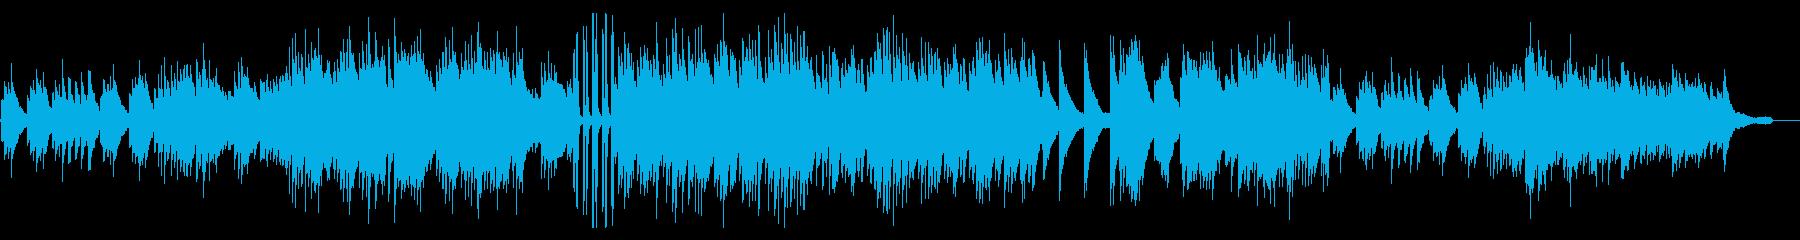 ピアノソロ/和風/モダン/荘厳の再生済みの波形